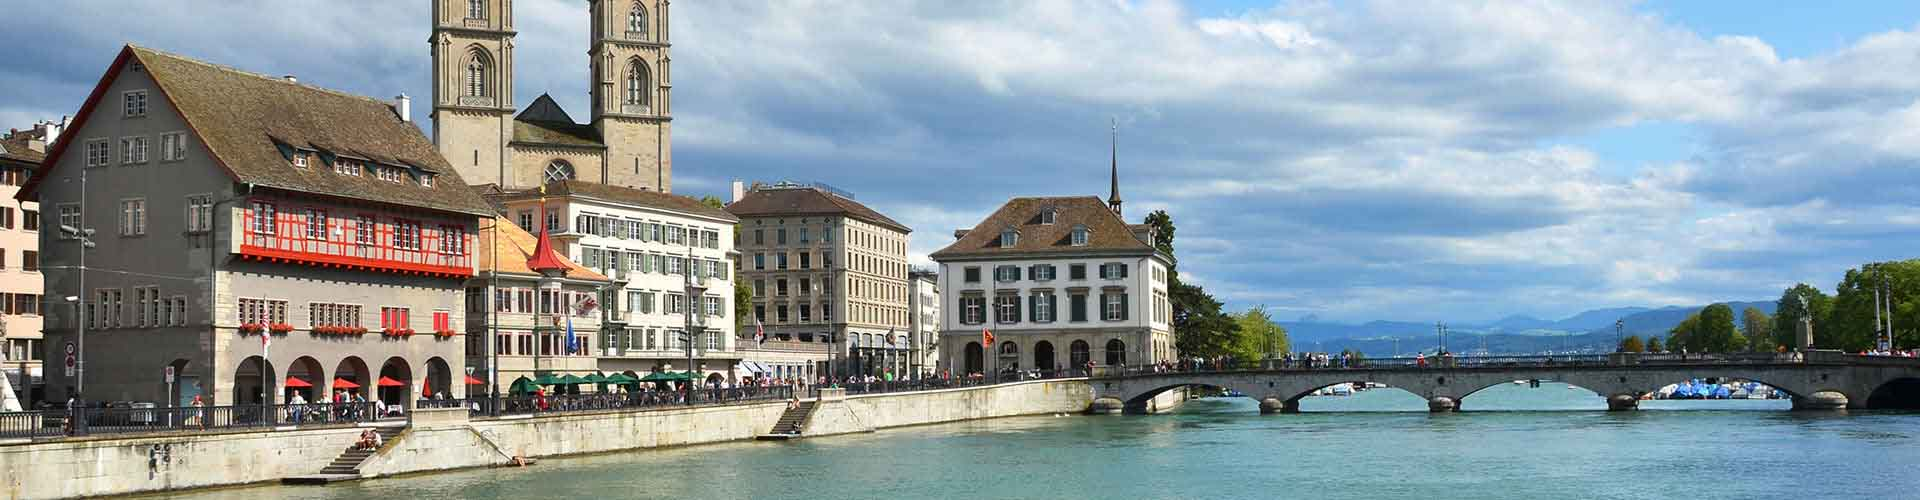 Zurich - Hoteles baratos cerca a Museo Nacional Suizo. Mapas de Zurich, Fotos y comentarios de cada Hotel en Zurich.